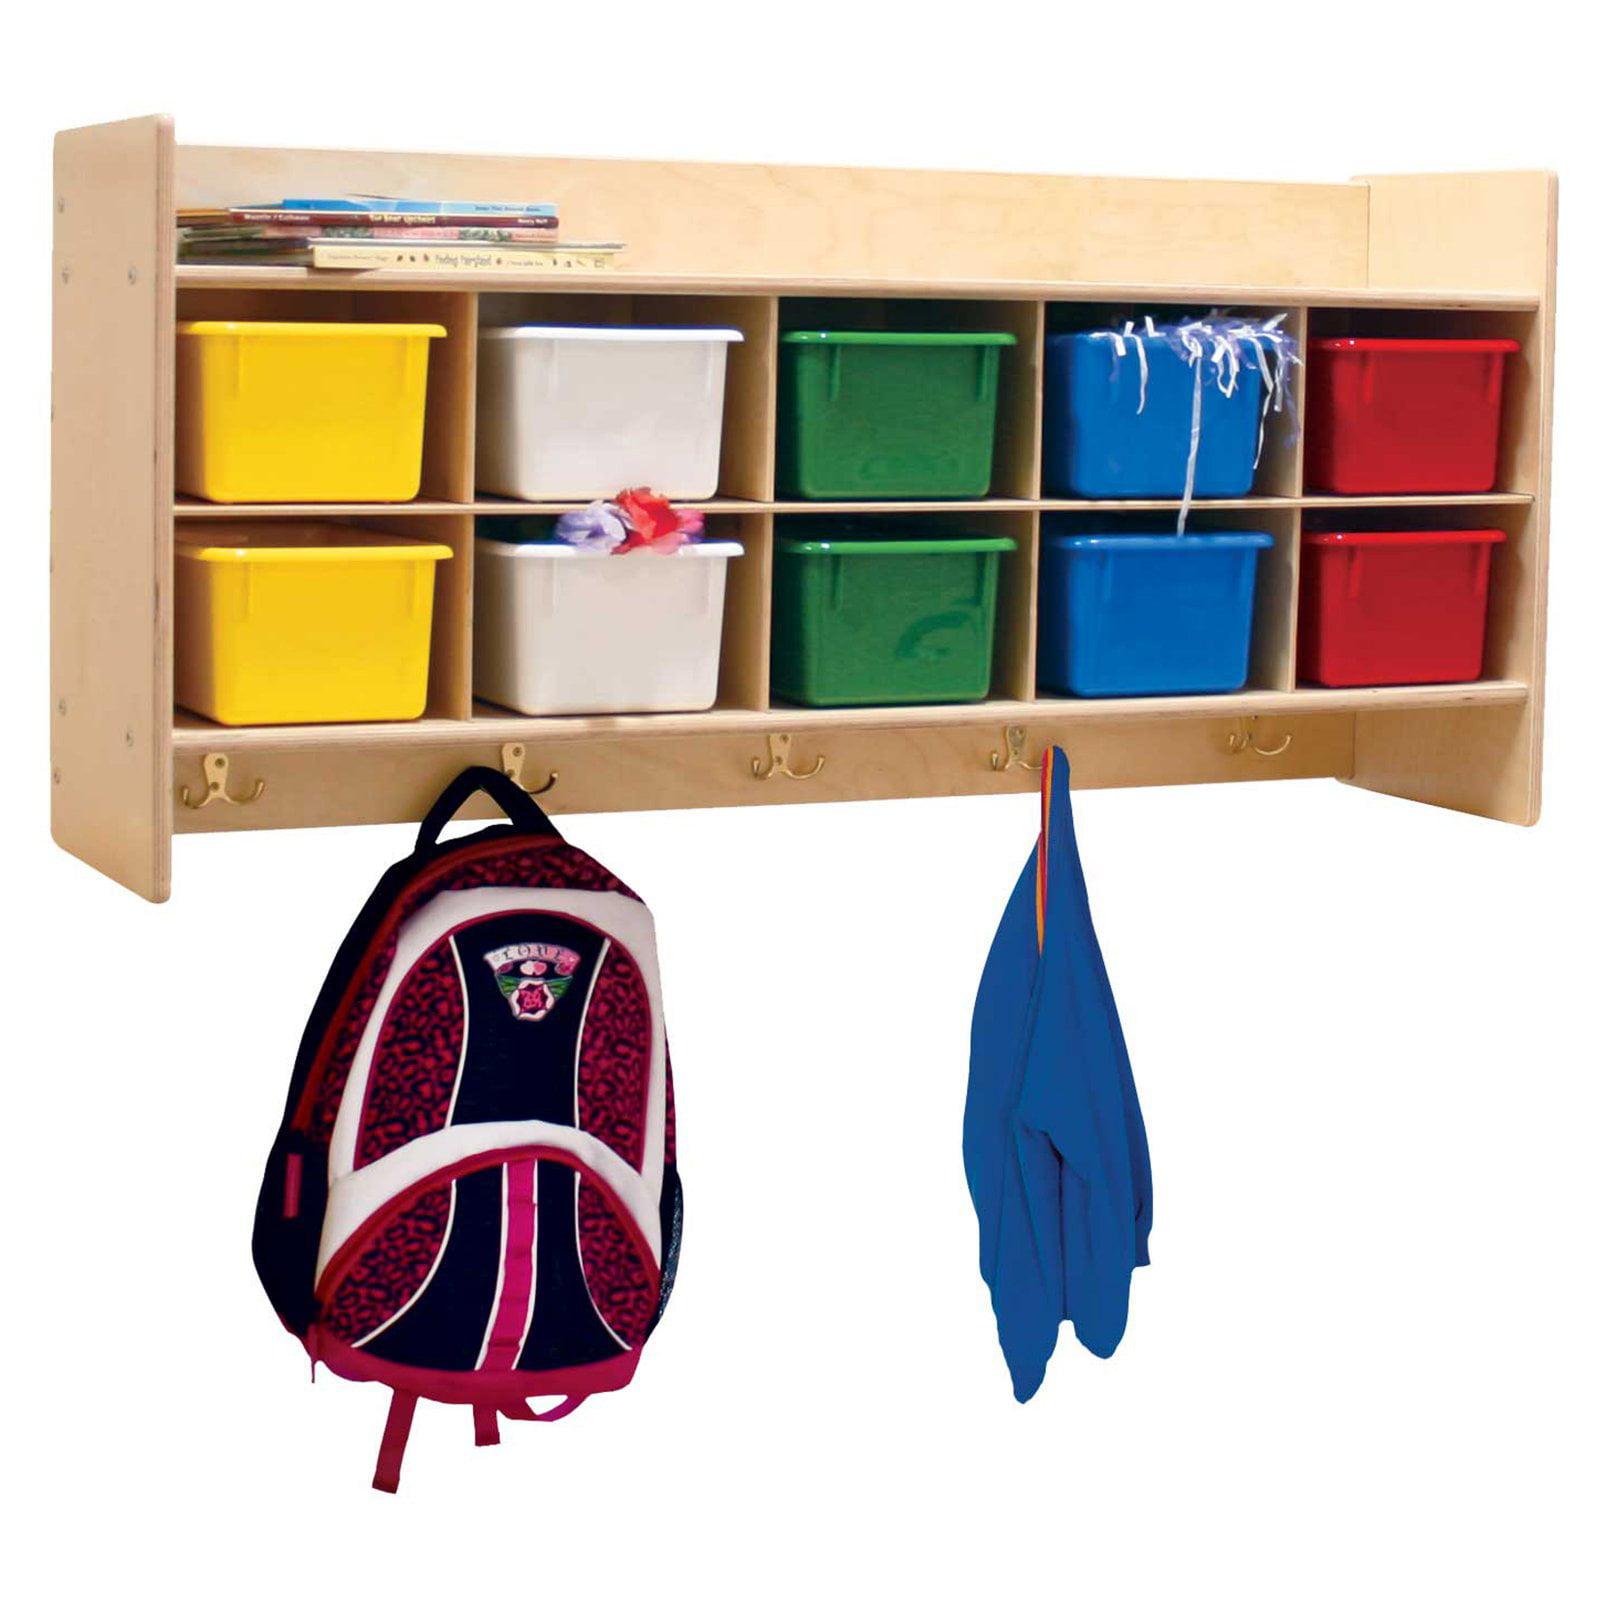 Wood Designs Contender Wall Locker & Storage